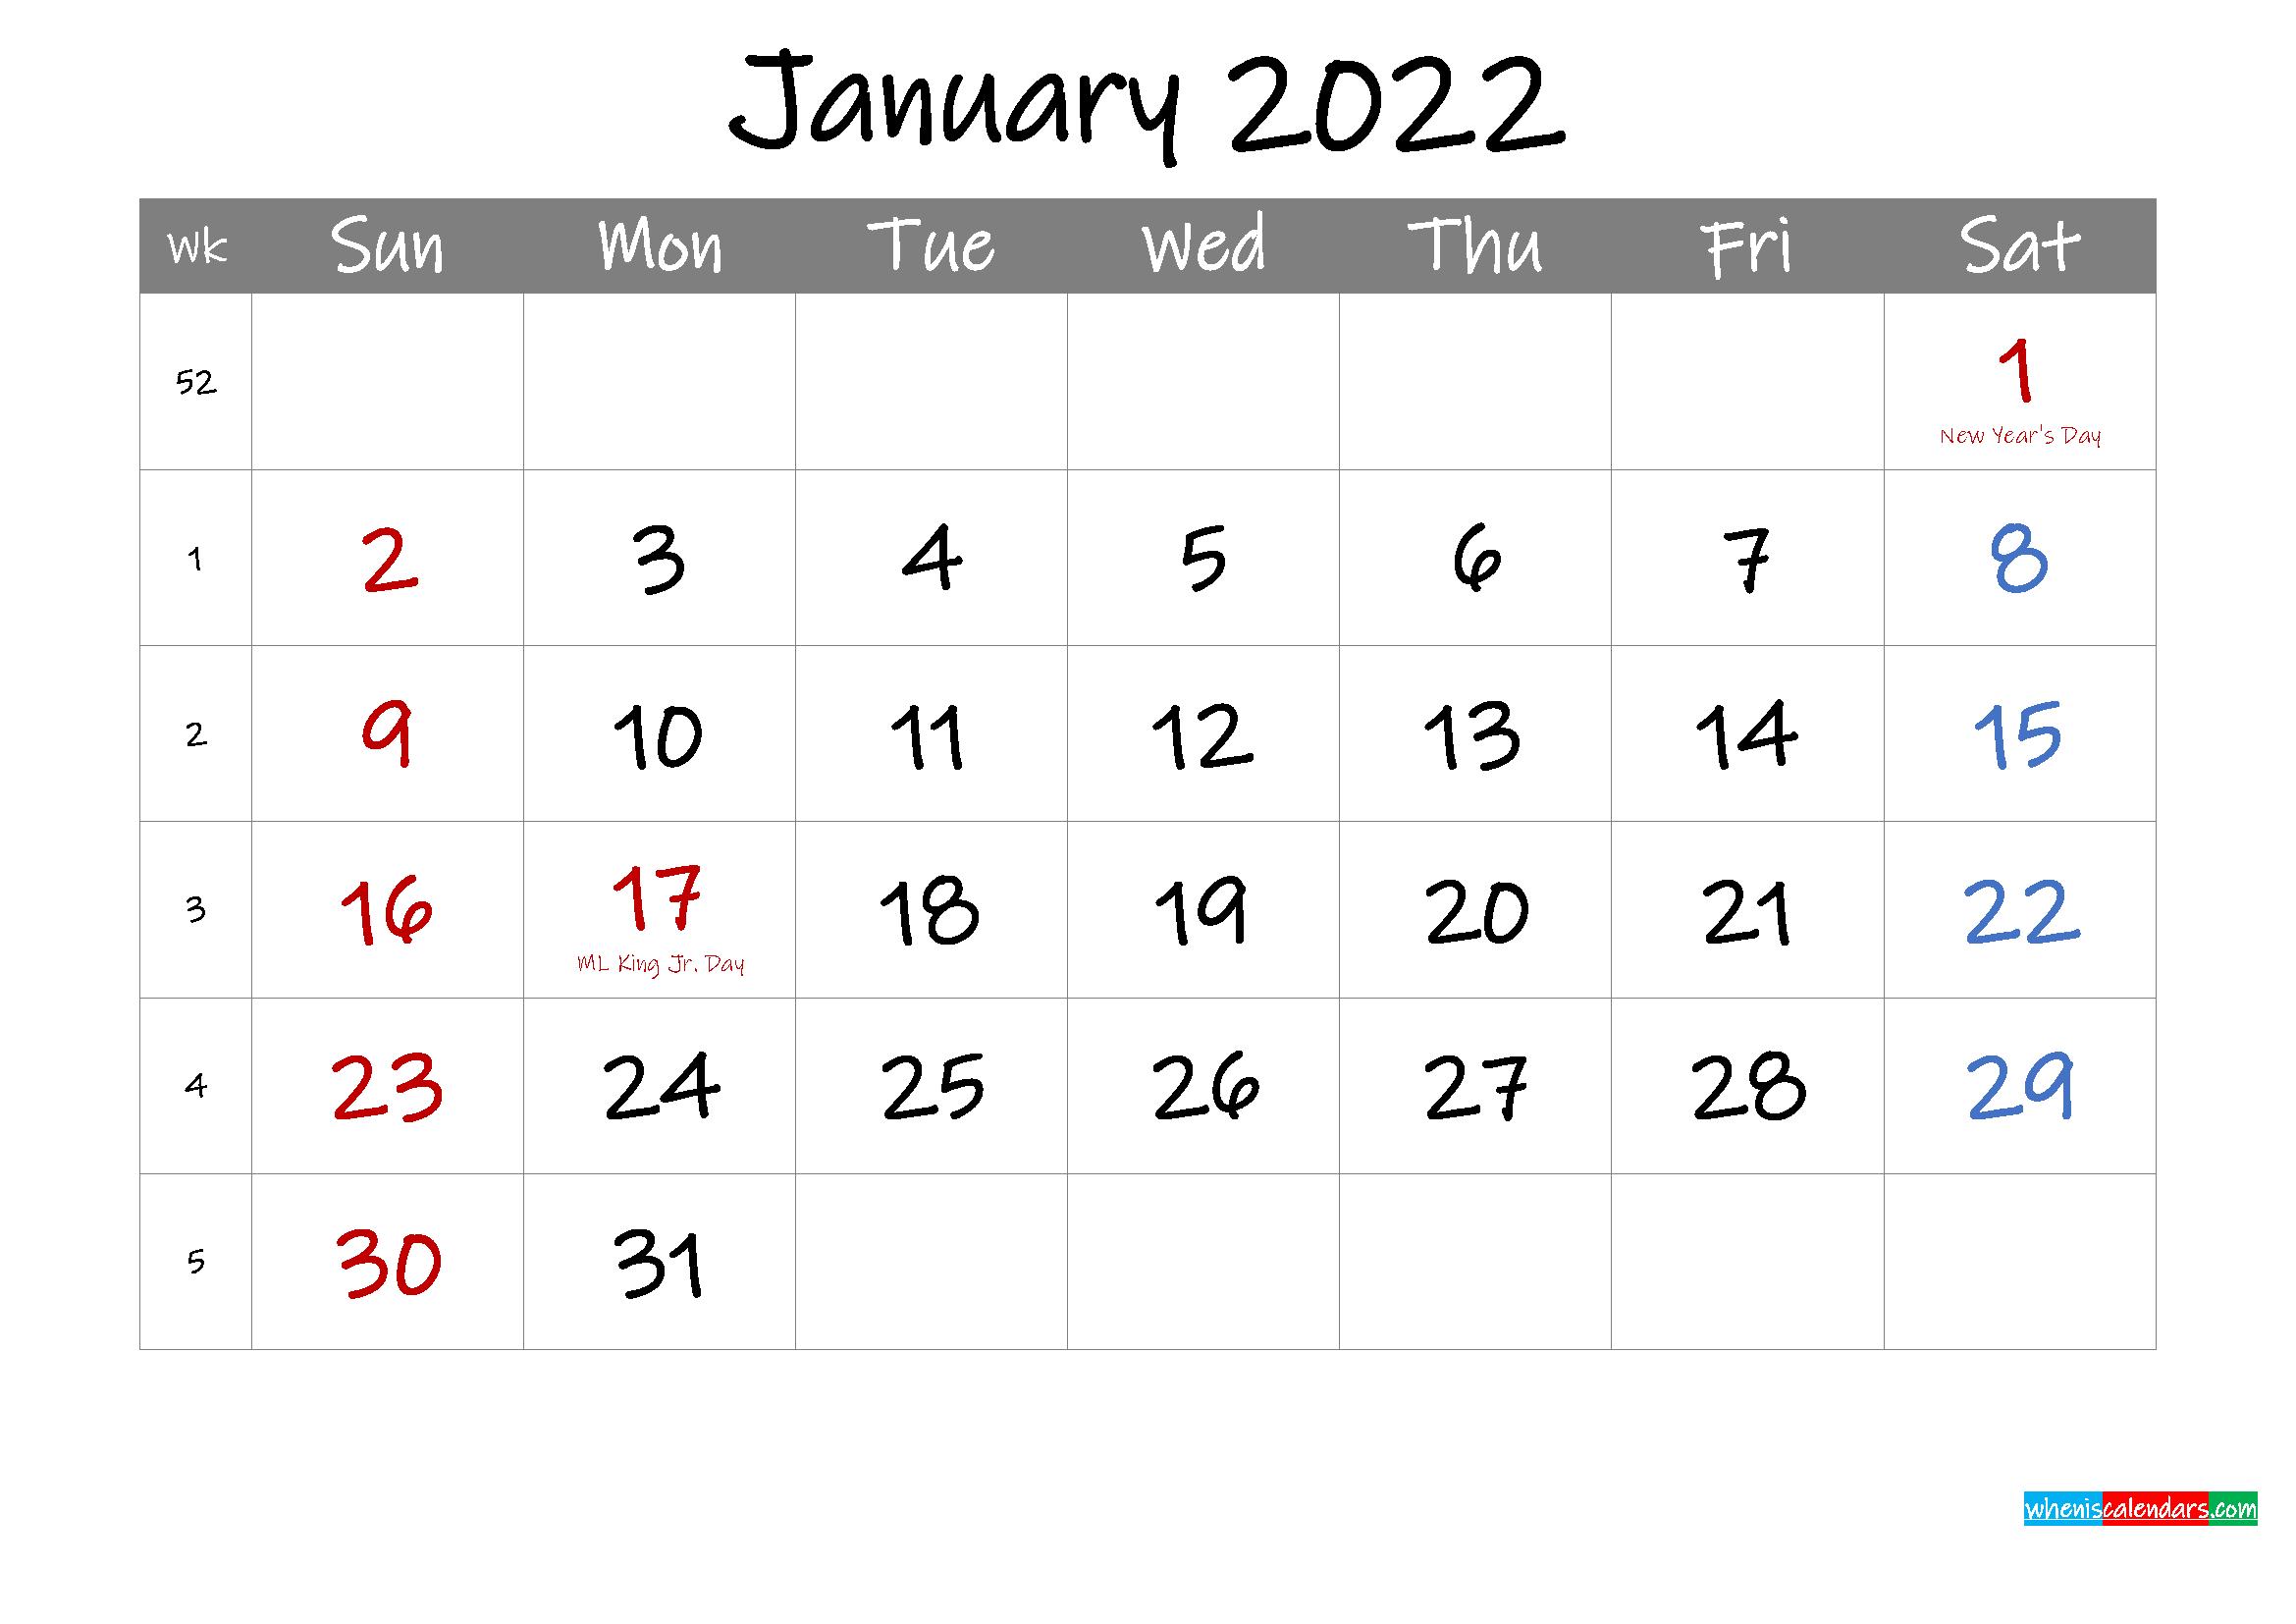 Editable January 2022 Calendar with Holidays